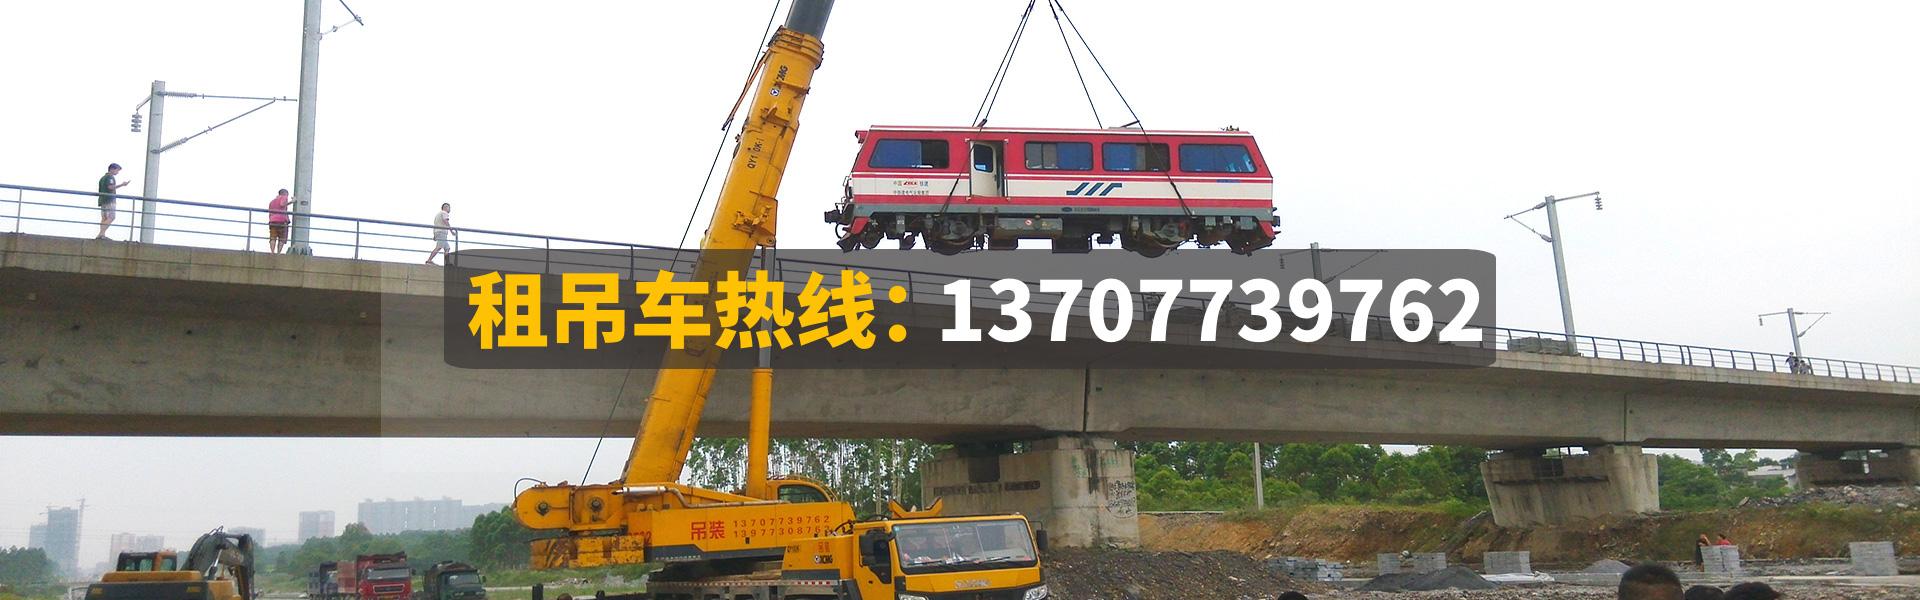 机车吊装施工